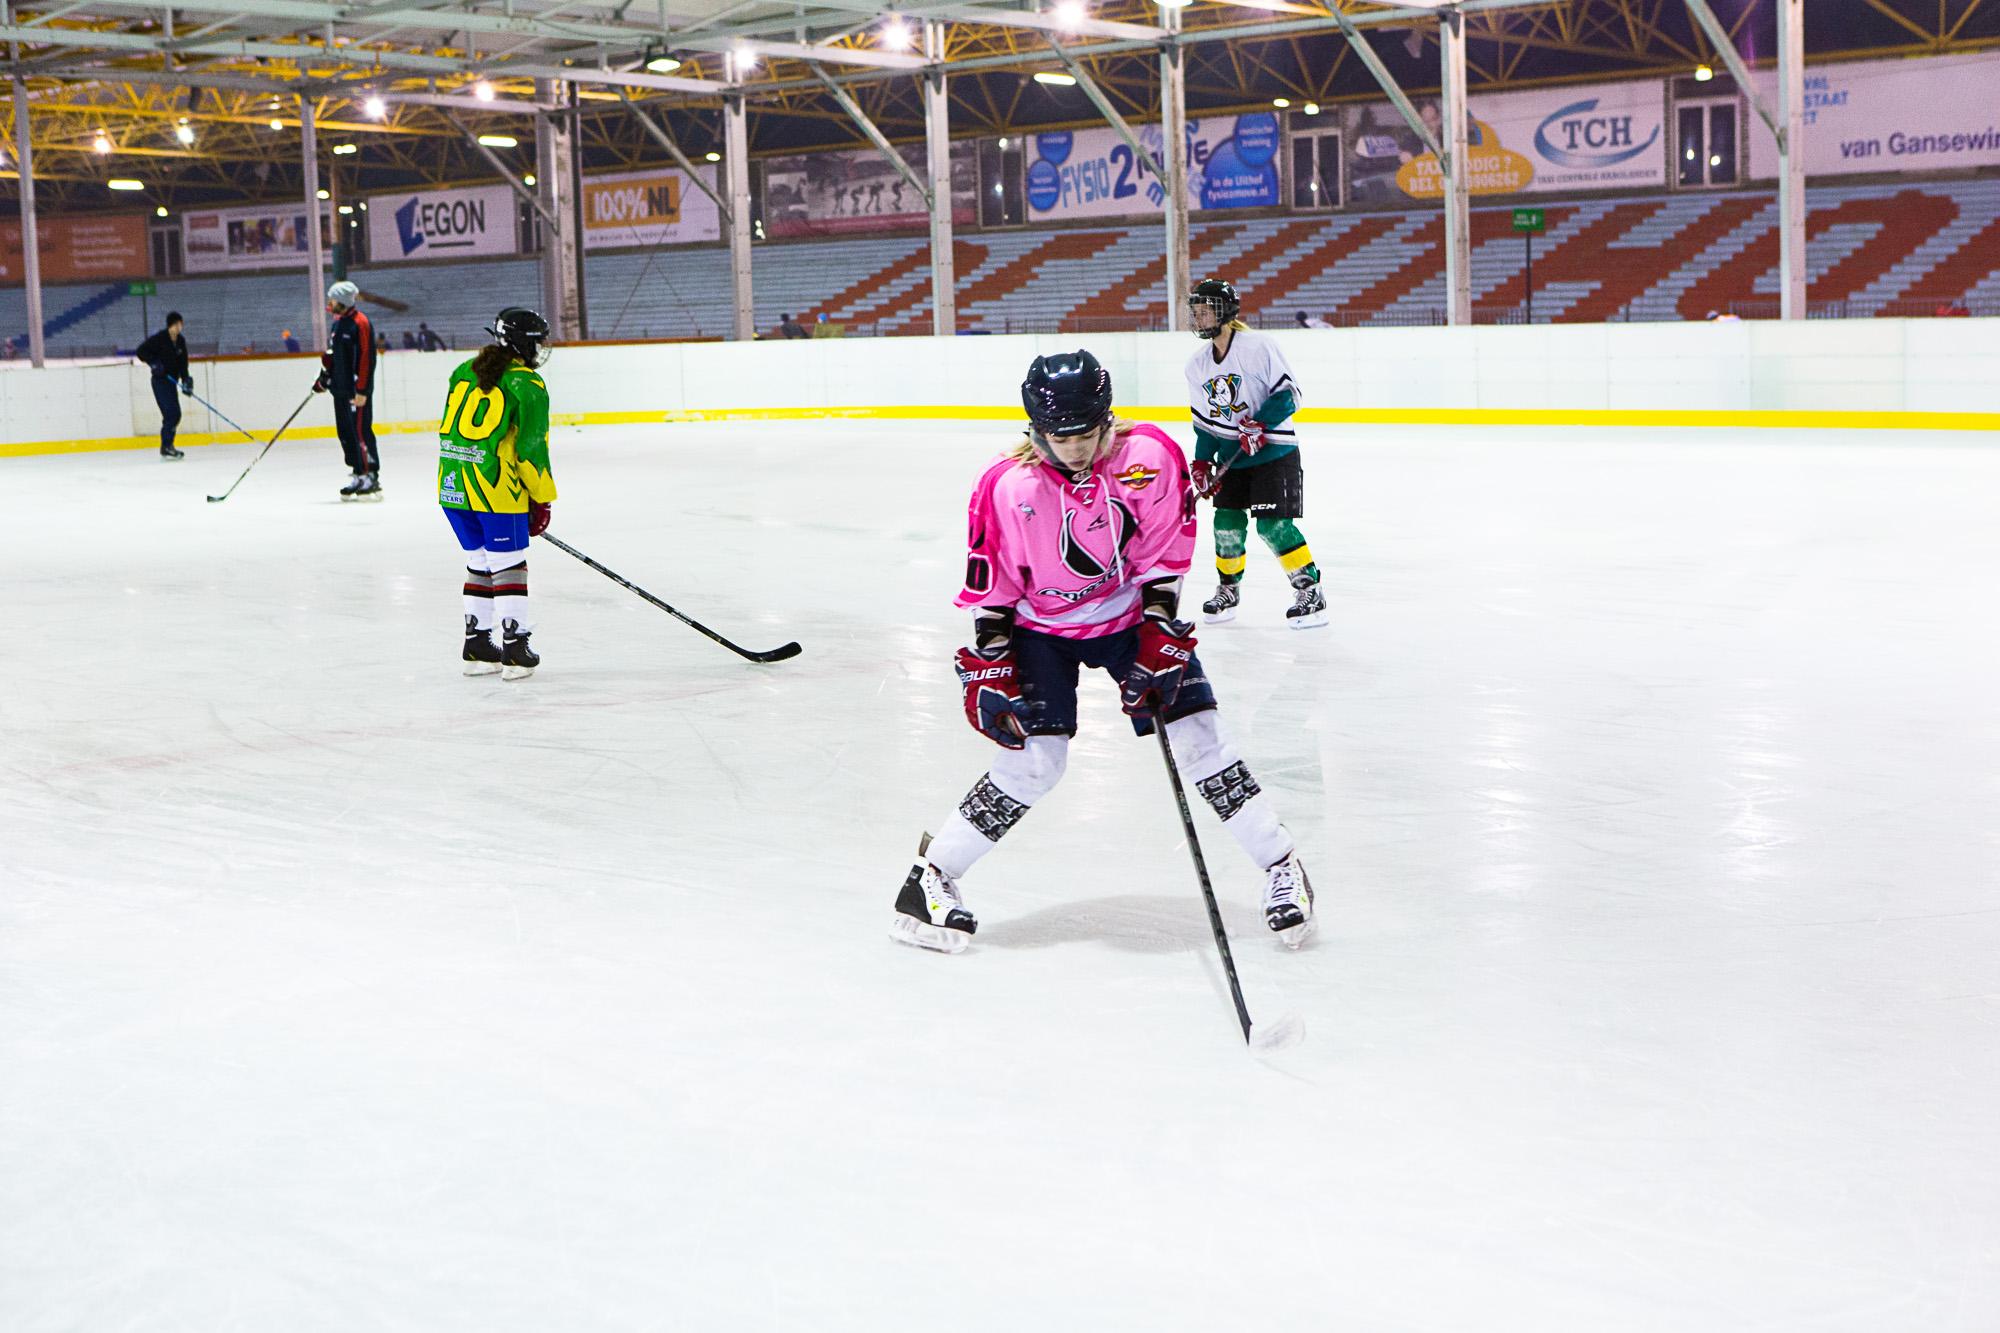 IJshockey De Uithof